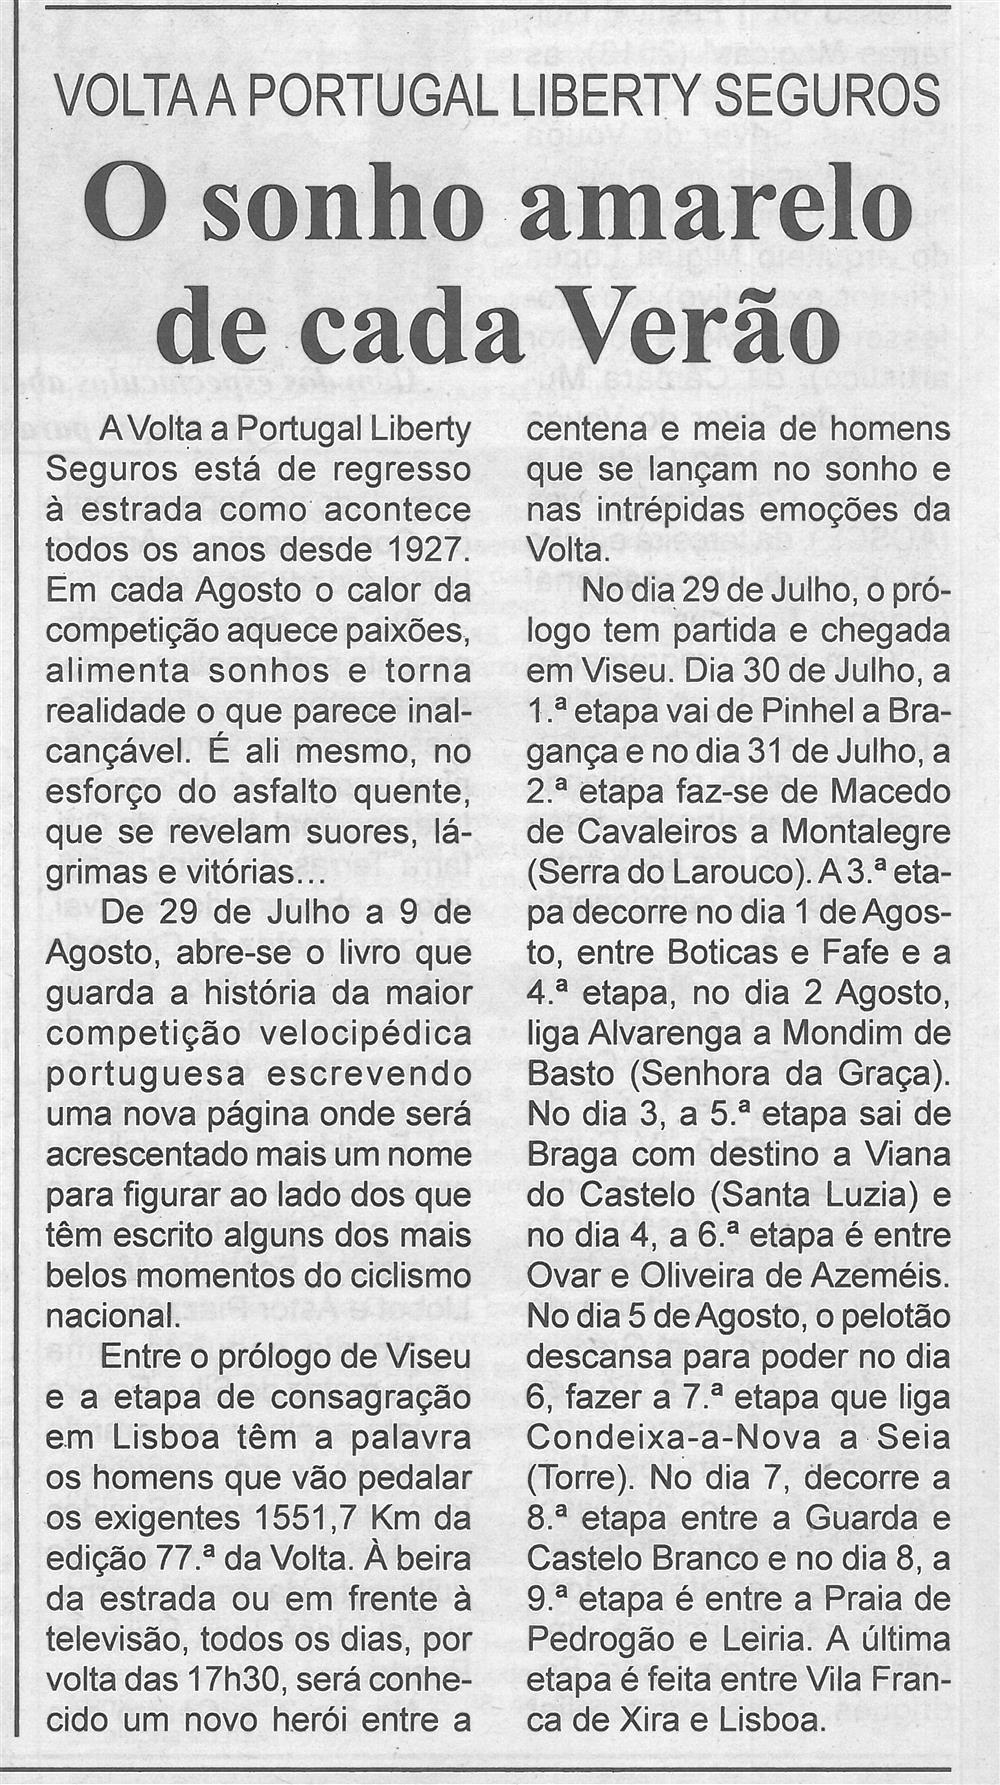 BV-2.ªjul.'15-p.6-O sonho amarelo de cada Verão : volta a Portugal Liberty Seguros.jpg